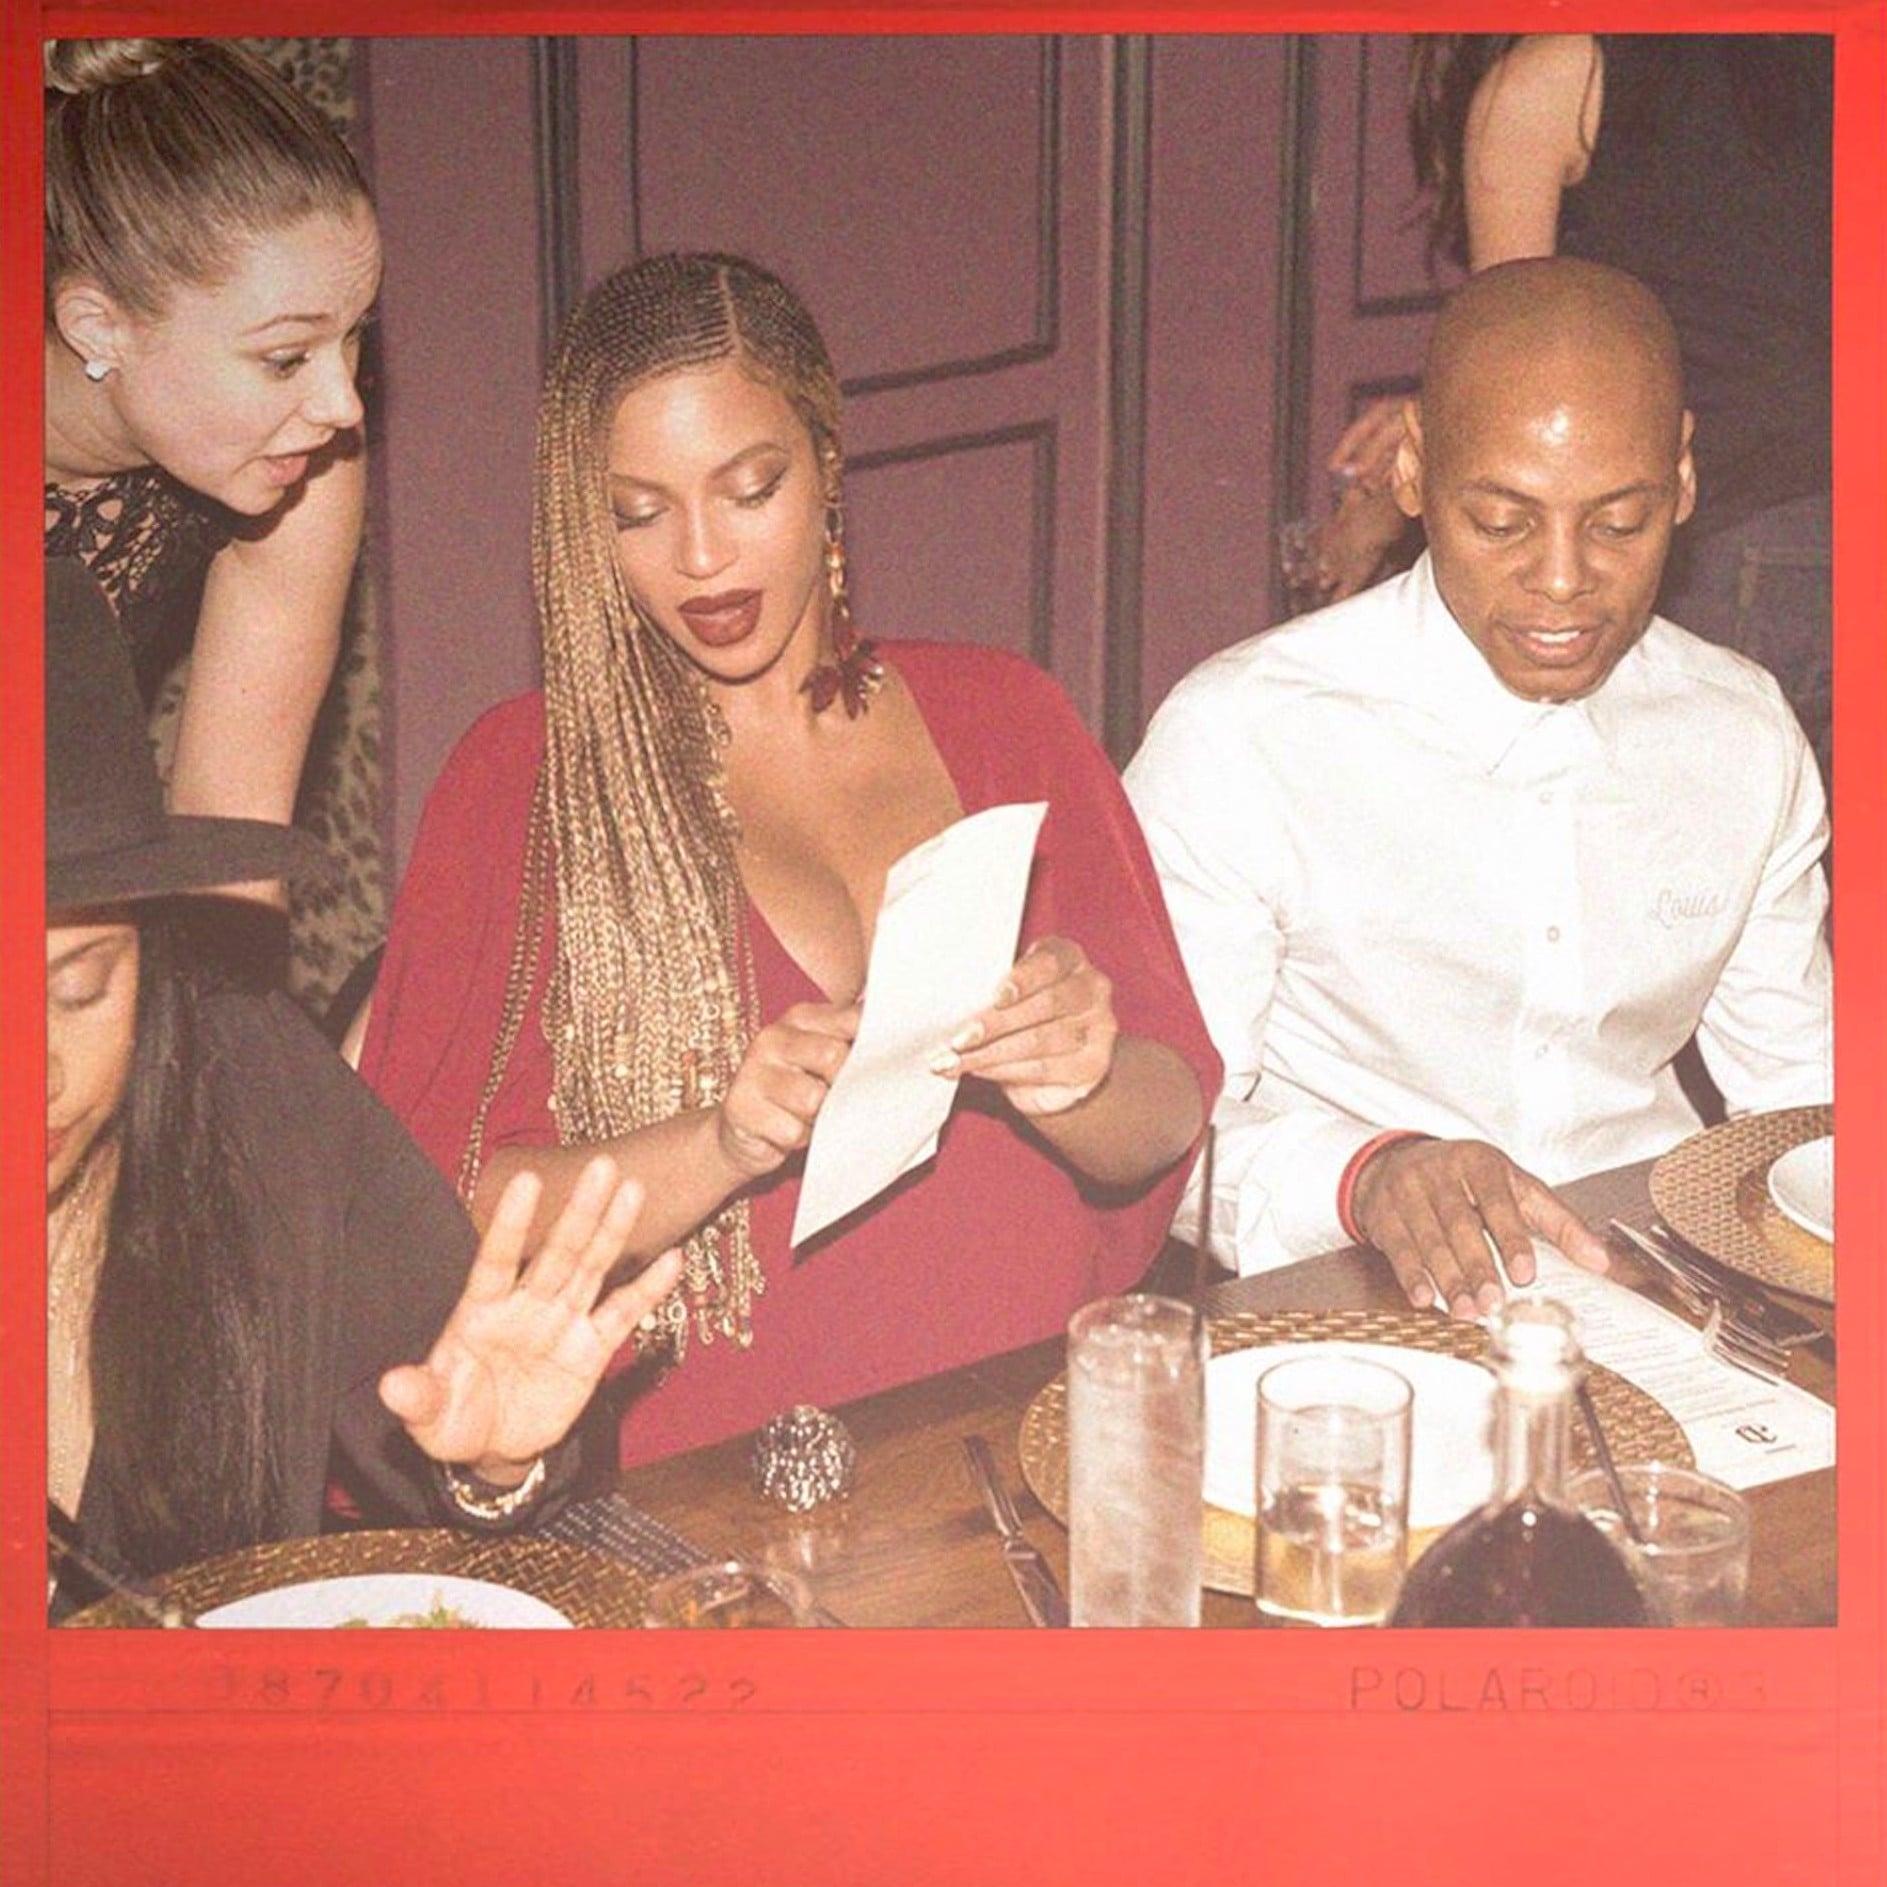 Beyonce Ordering Food Restaurant Meme 2017 beyonce ordering food at a restaurant meme 2017 popsugar celebrity